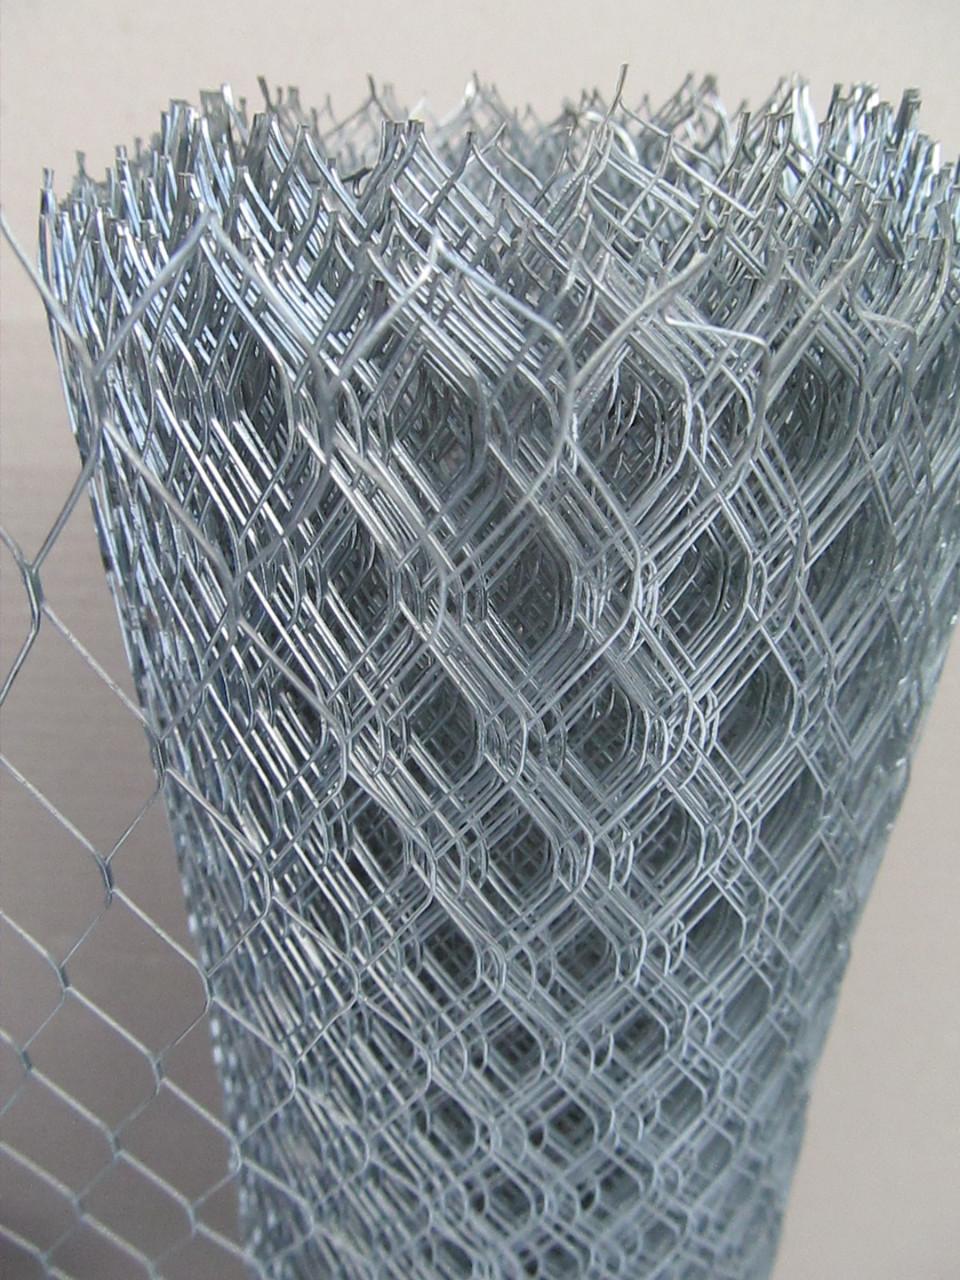 Сетка штукатурная просечно вытяжная оцинк. Ячейка: 10х25мм, Толщина листа: 0,5мм, Ширина рулона: 1м.